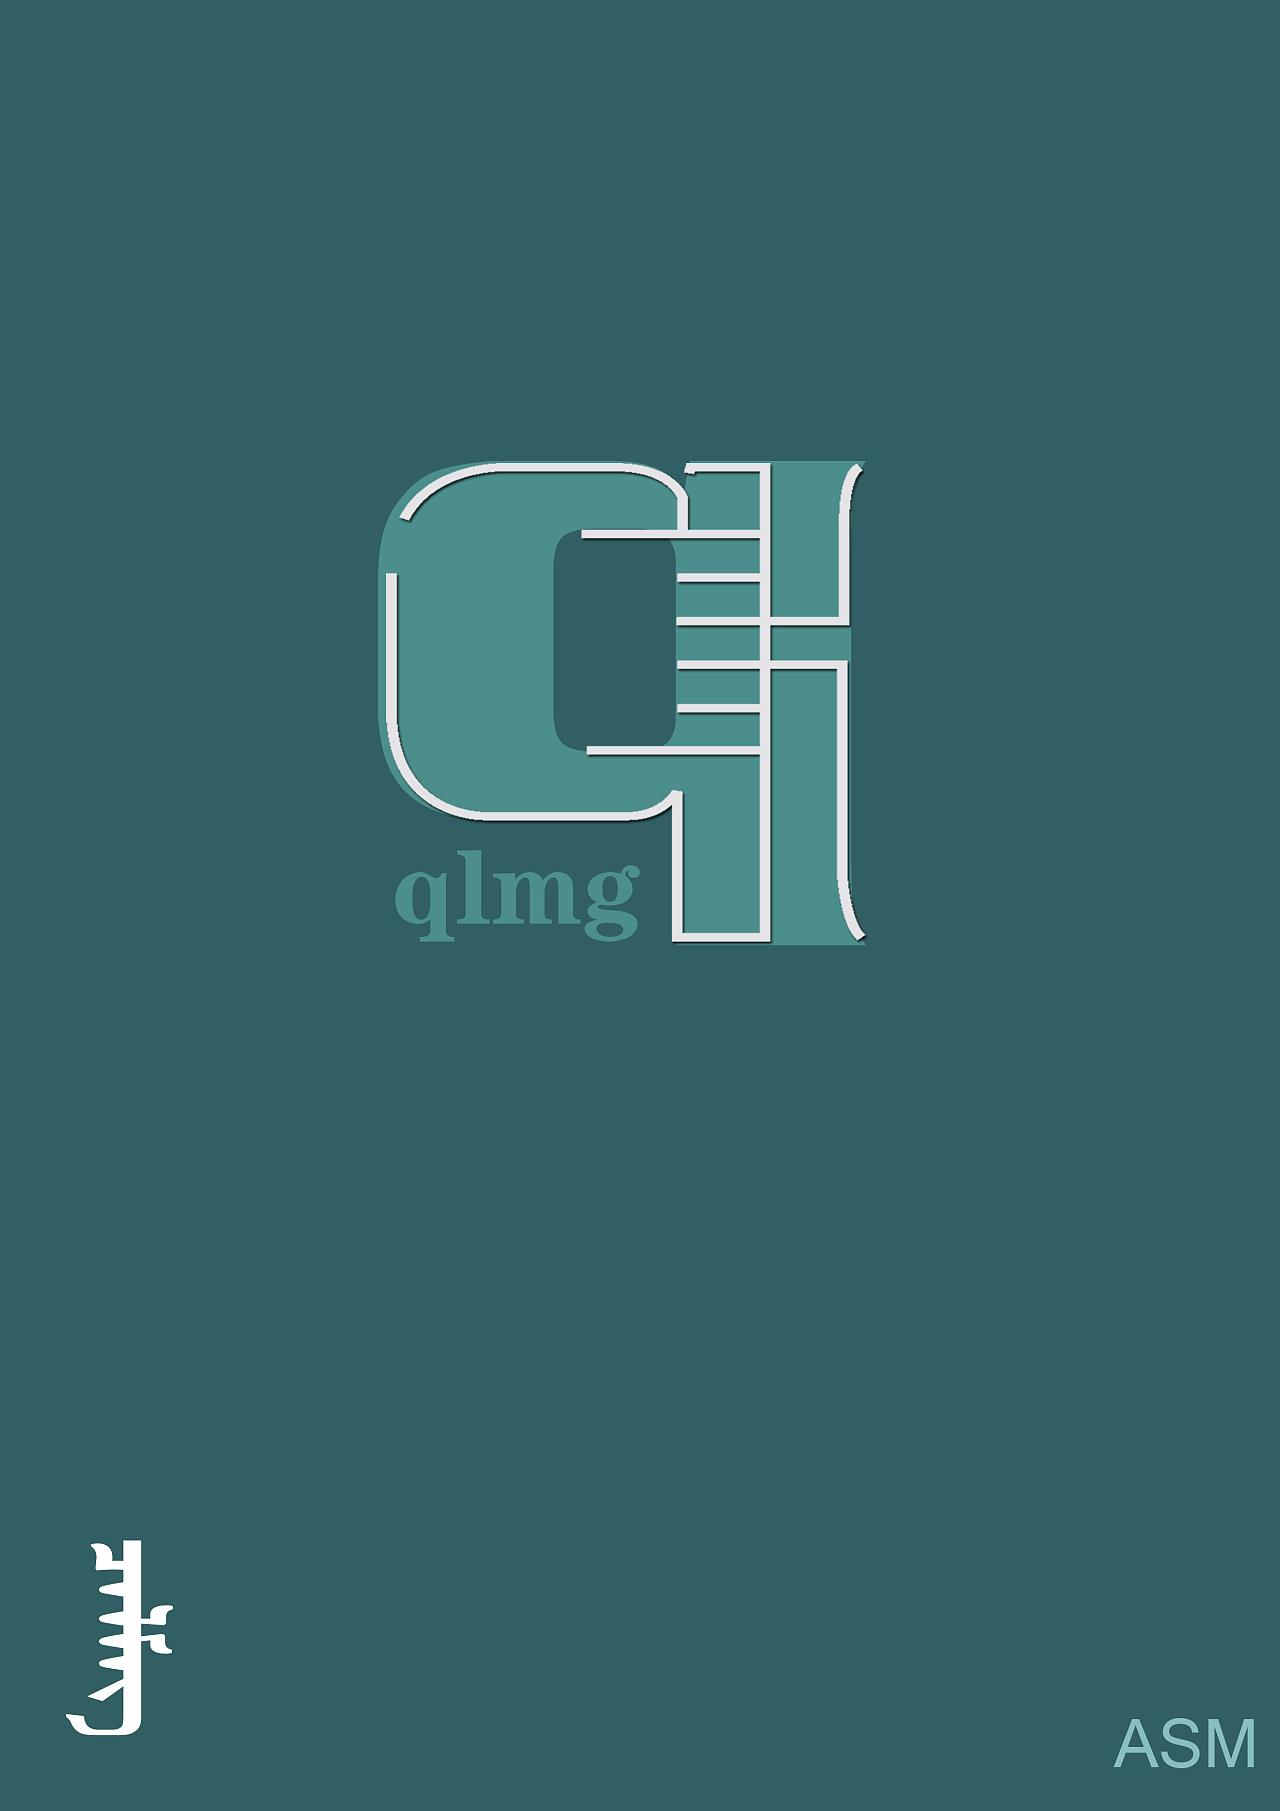 蒙古文人名设计(阿斯玛18248305310微信)